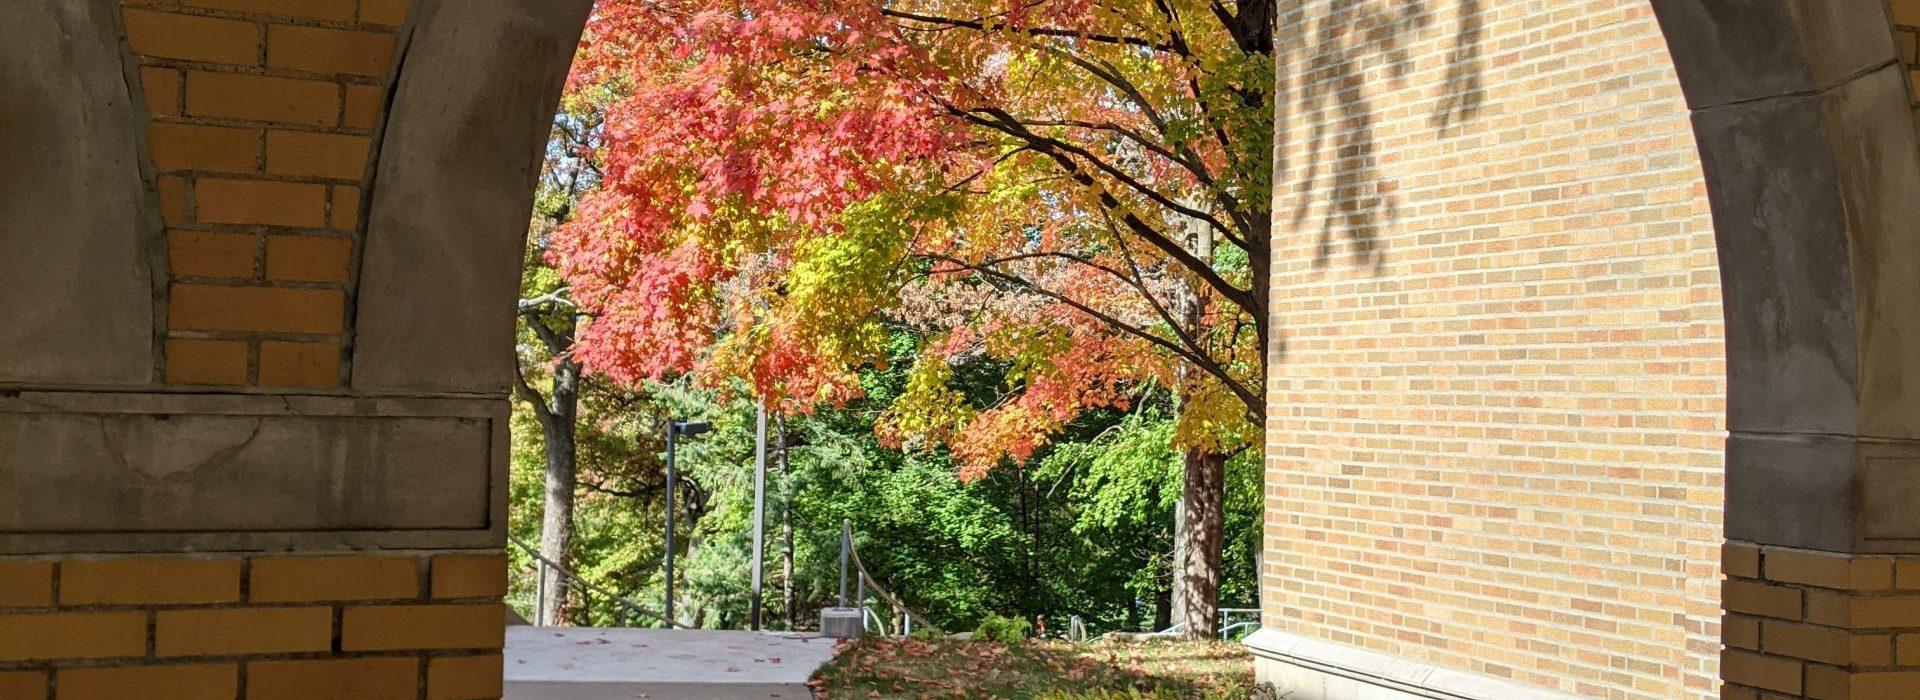 Autumn at Augie